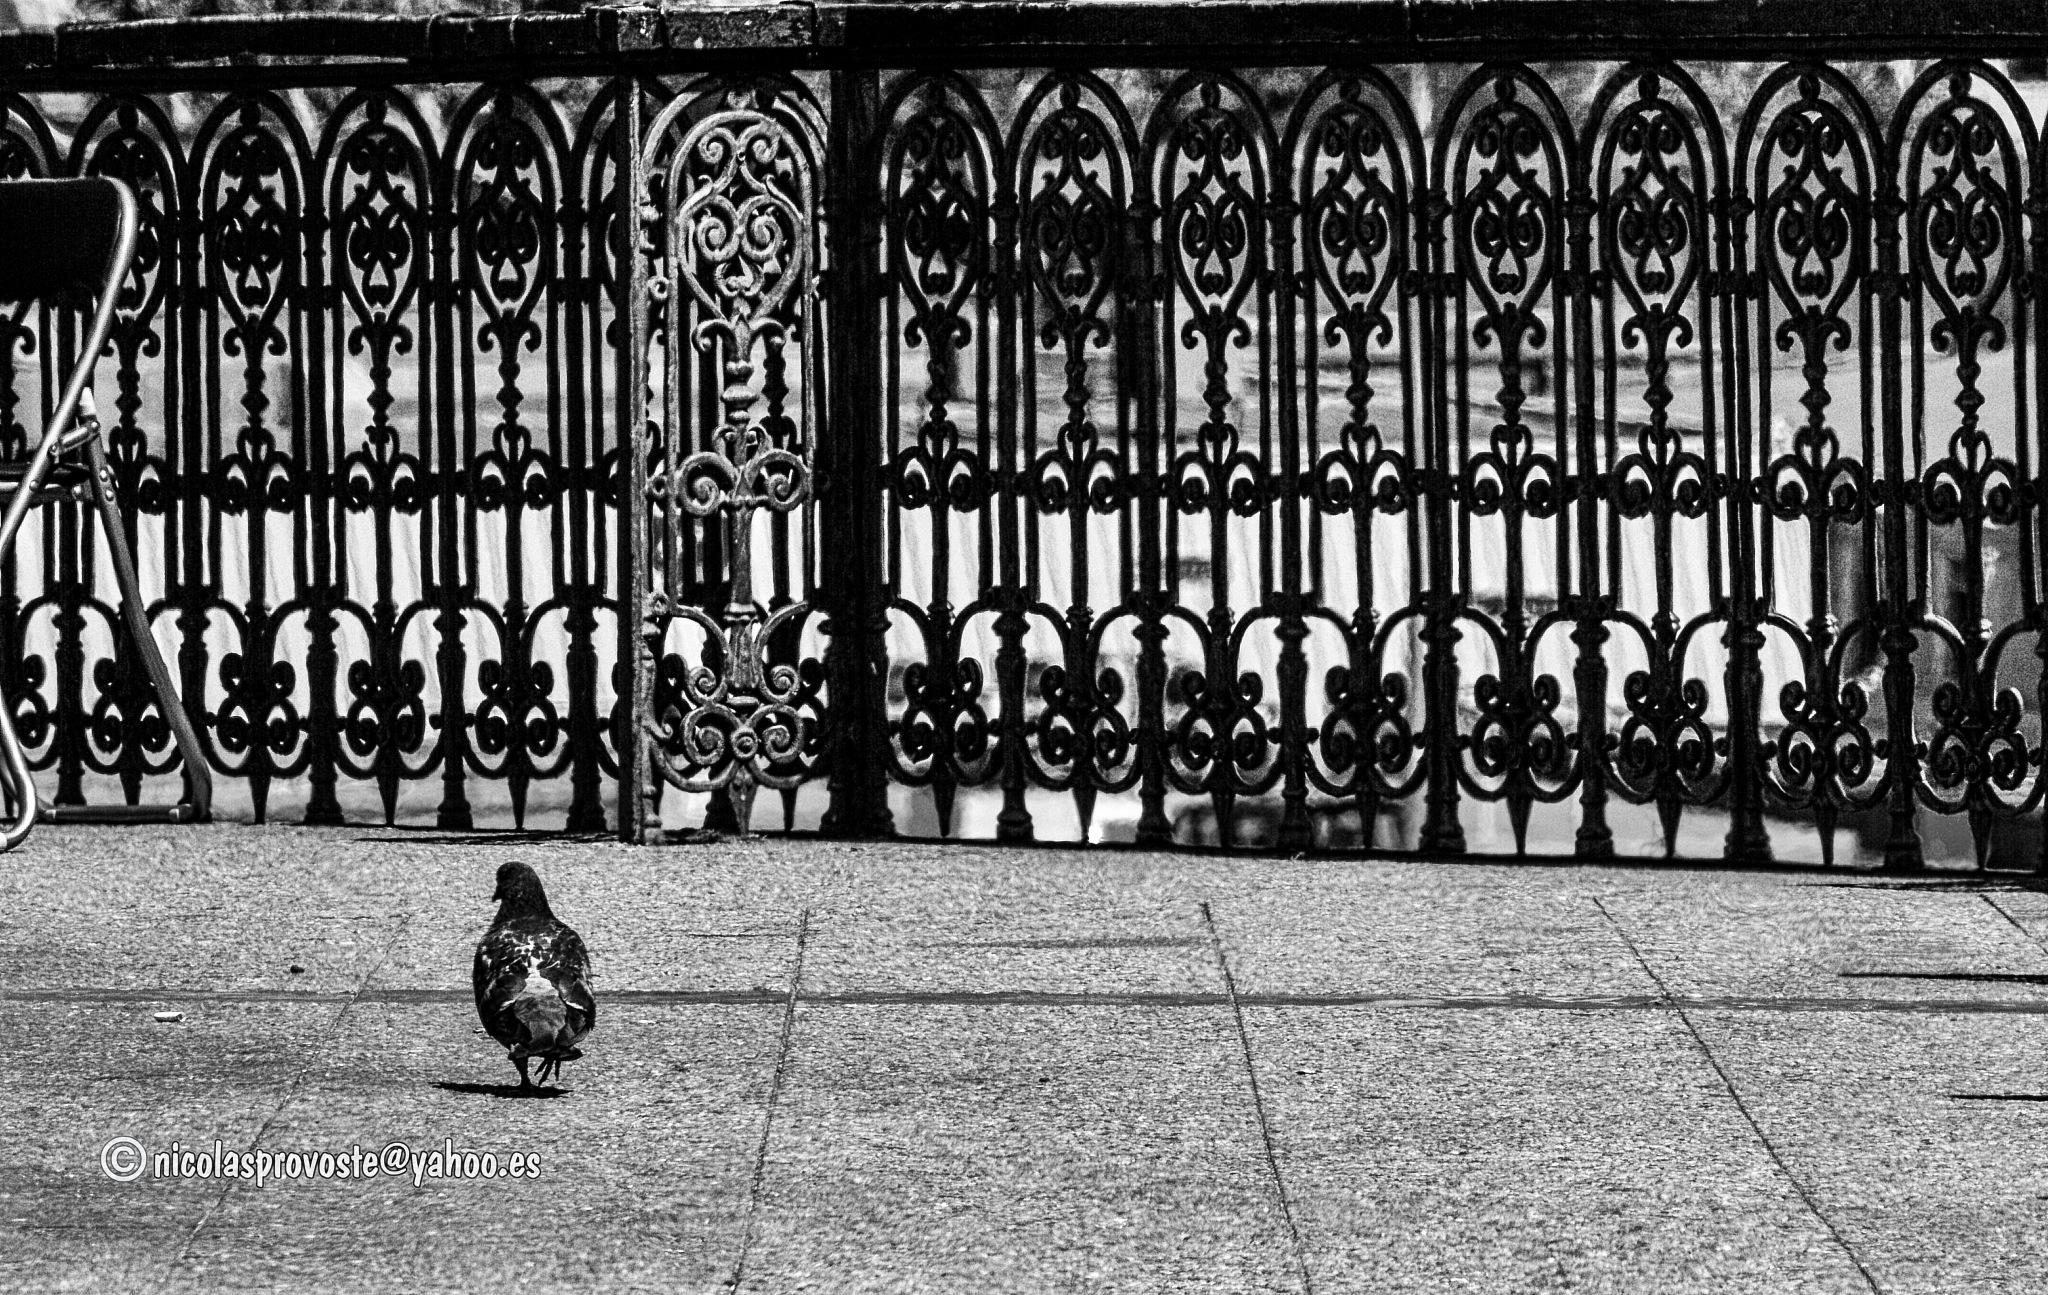 La paloma en el paseo by nicolasprovoste